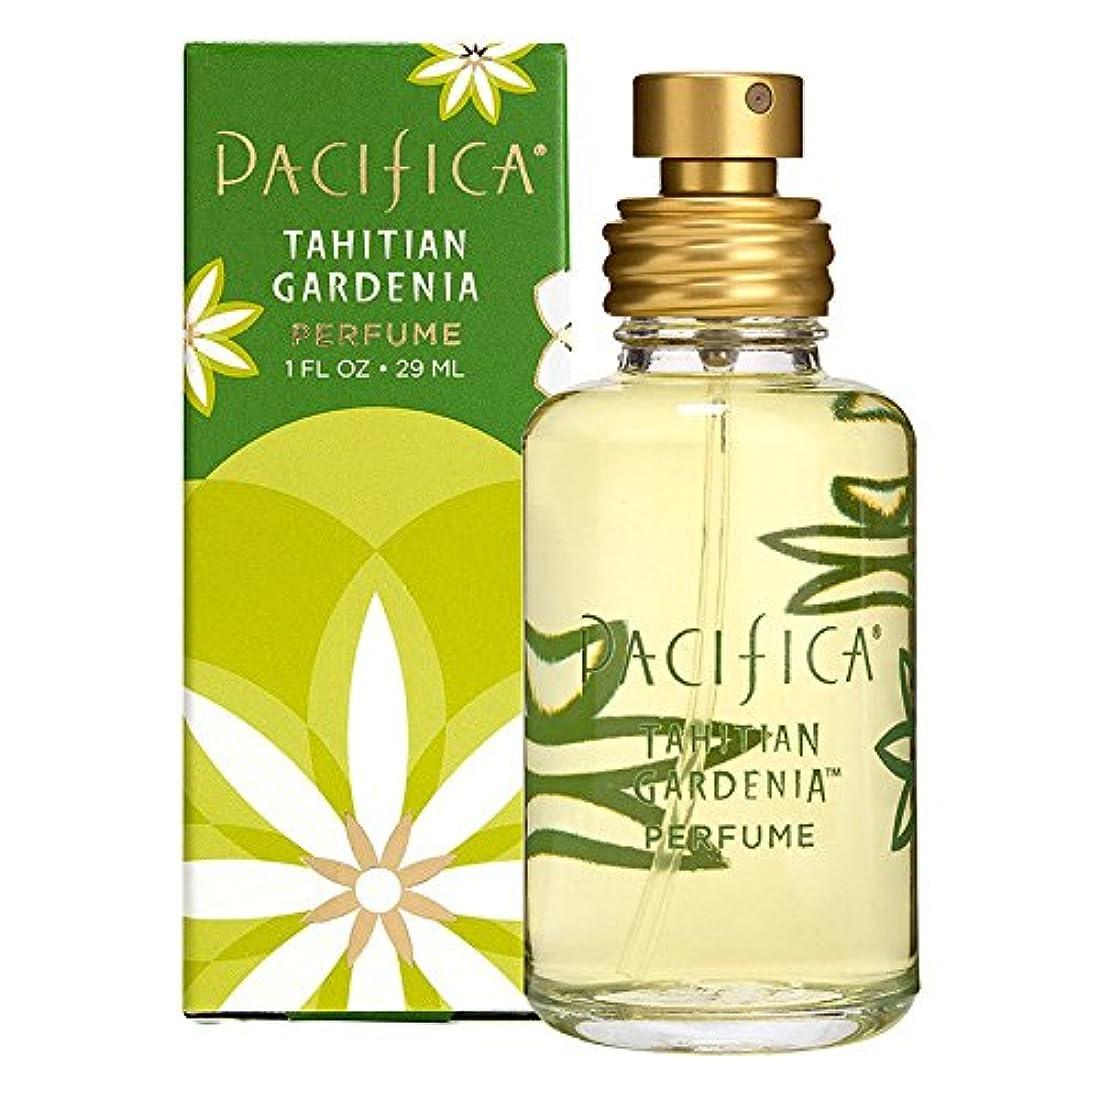 海外直送品 Pacifica Perfume Tahitian Gardenia - 1 fl oz パシフィカパフュームタヒチアンガーディニア (29ml)